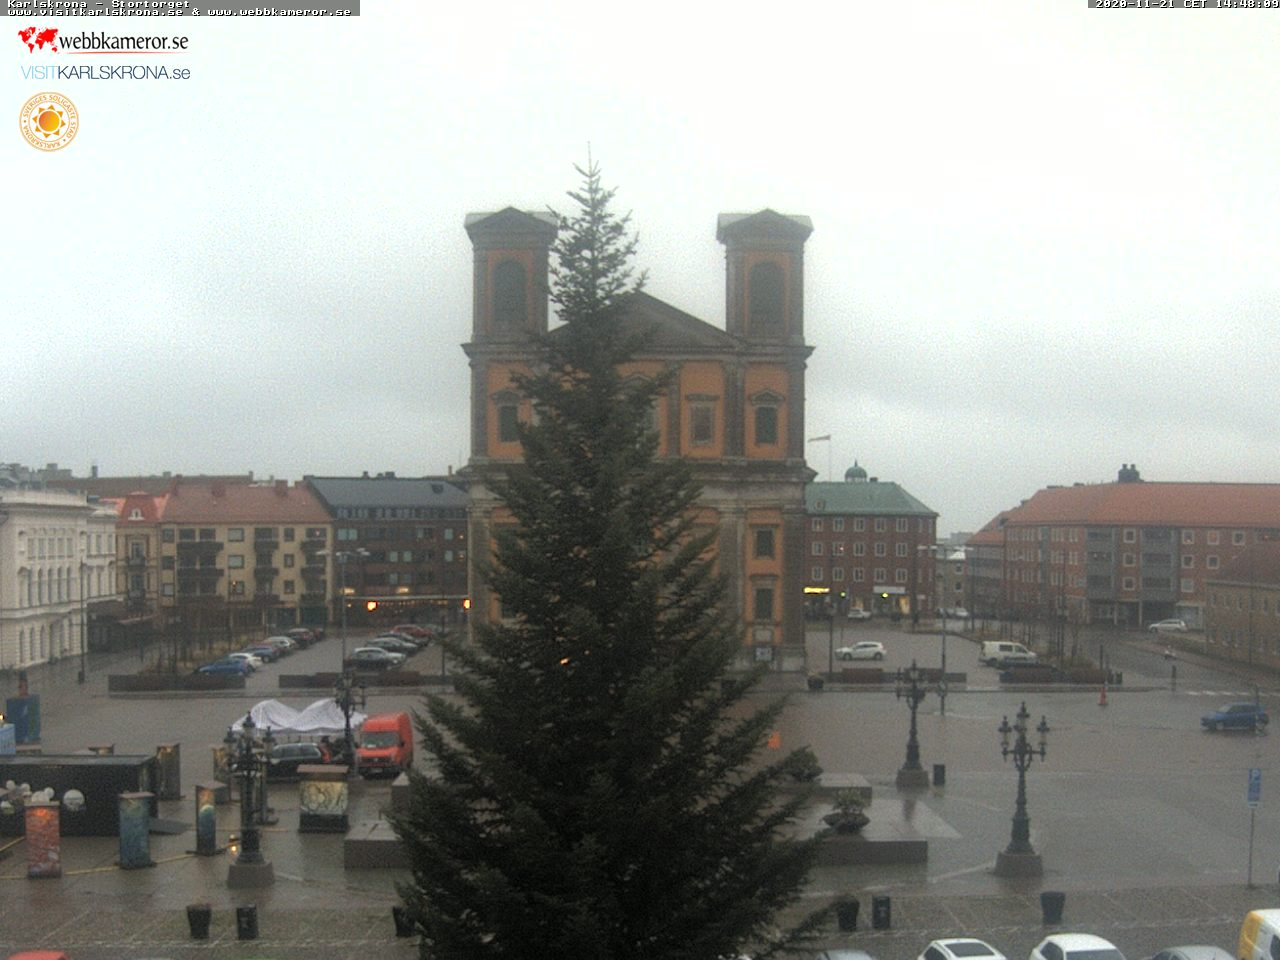 Webbkamera - Karlskrona